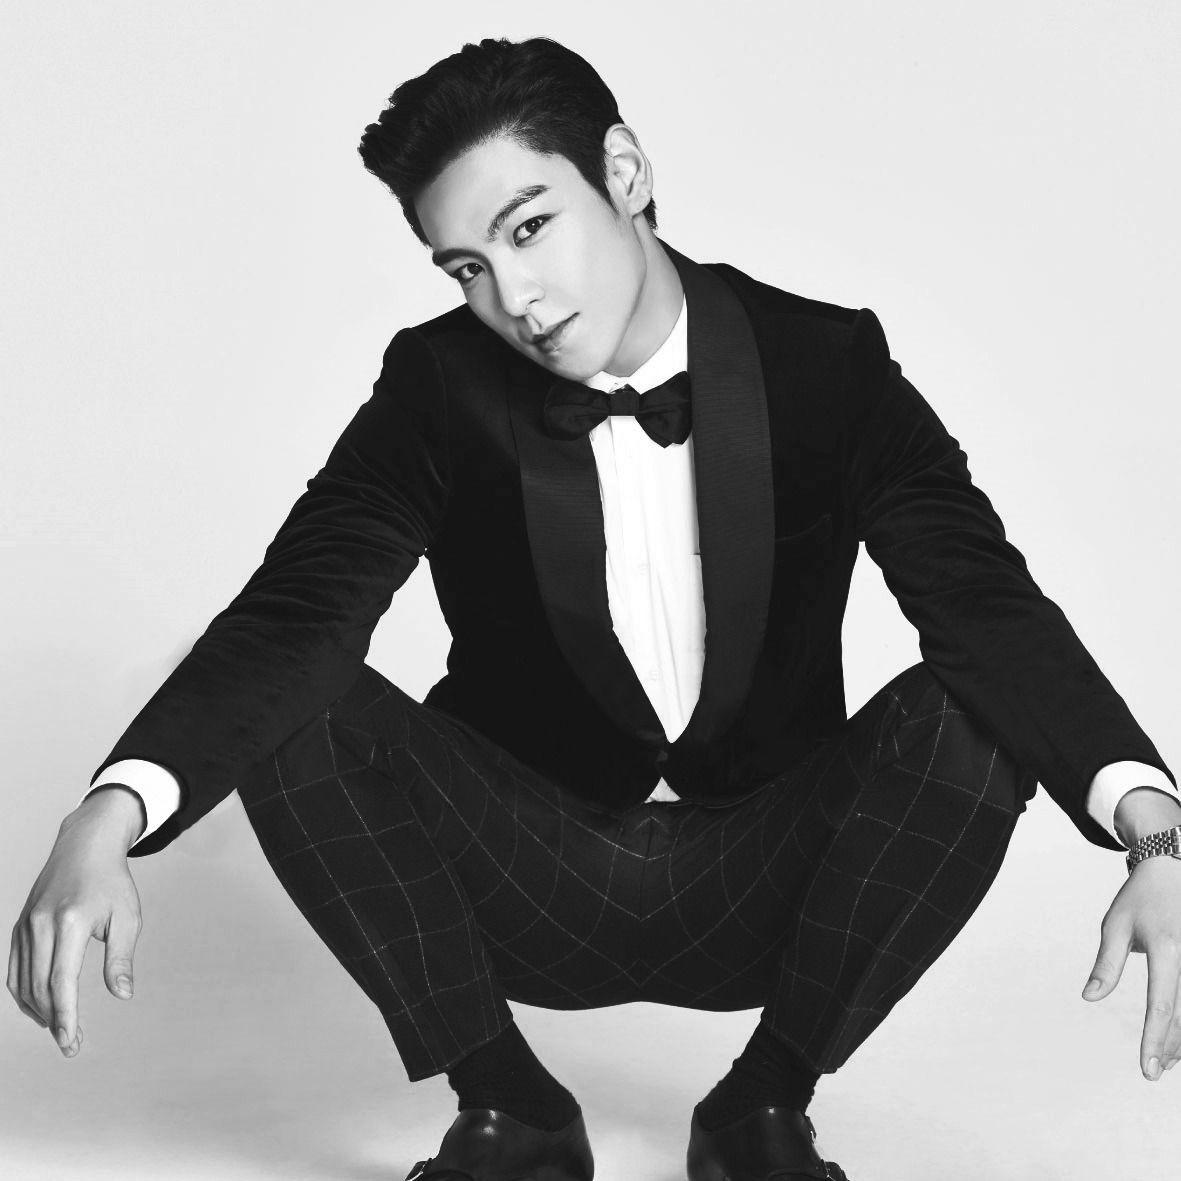 Dear Choi Seung Hyun, don't do this kinda pose again!! lol XD